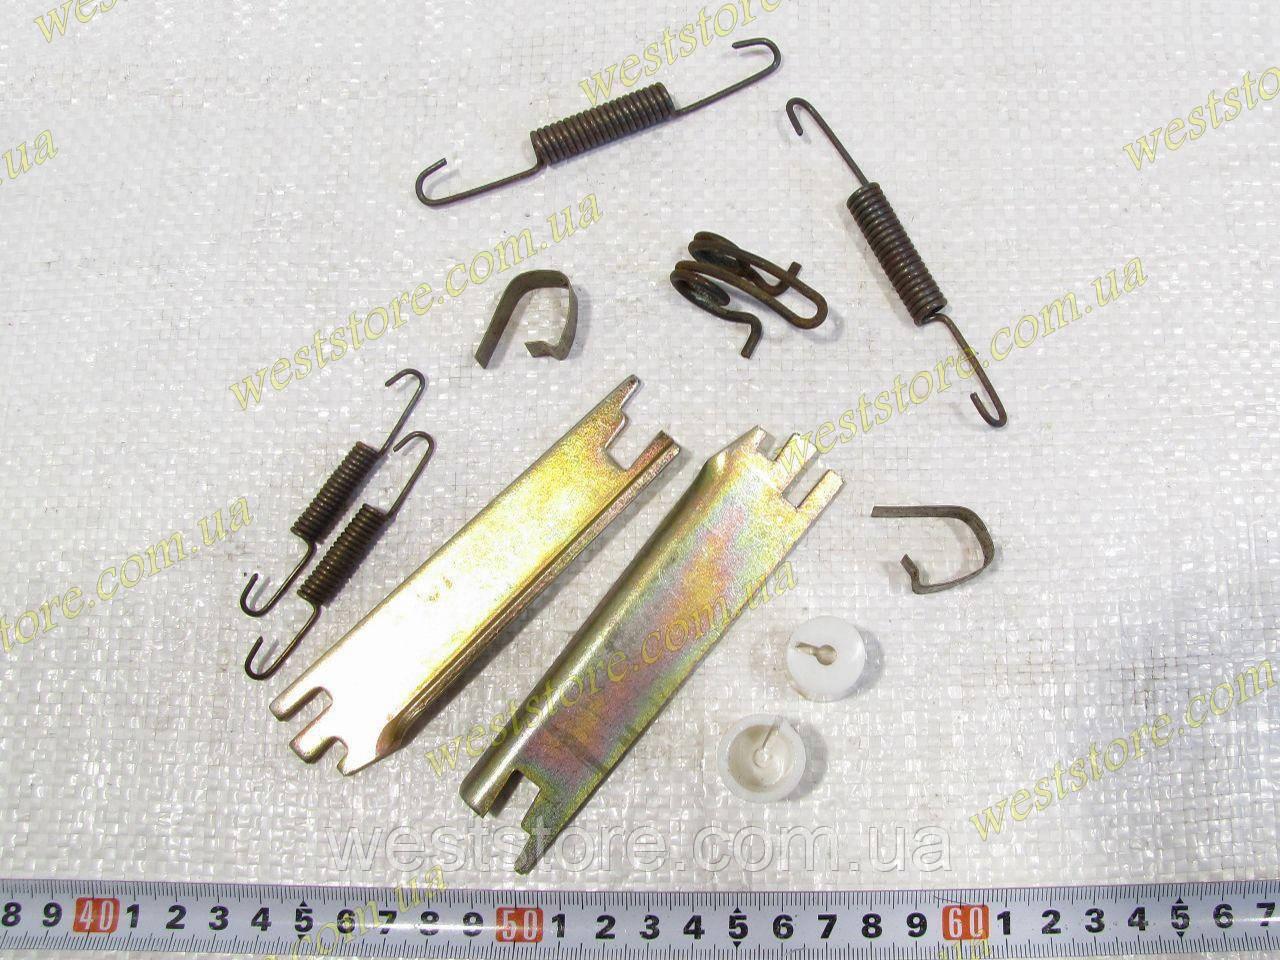 Ремкомплект ручного тормоза Заз 1102,1103,Таврия Славута полный